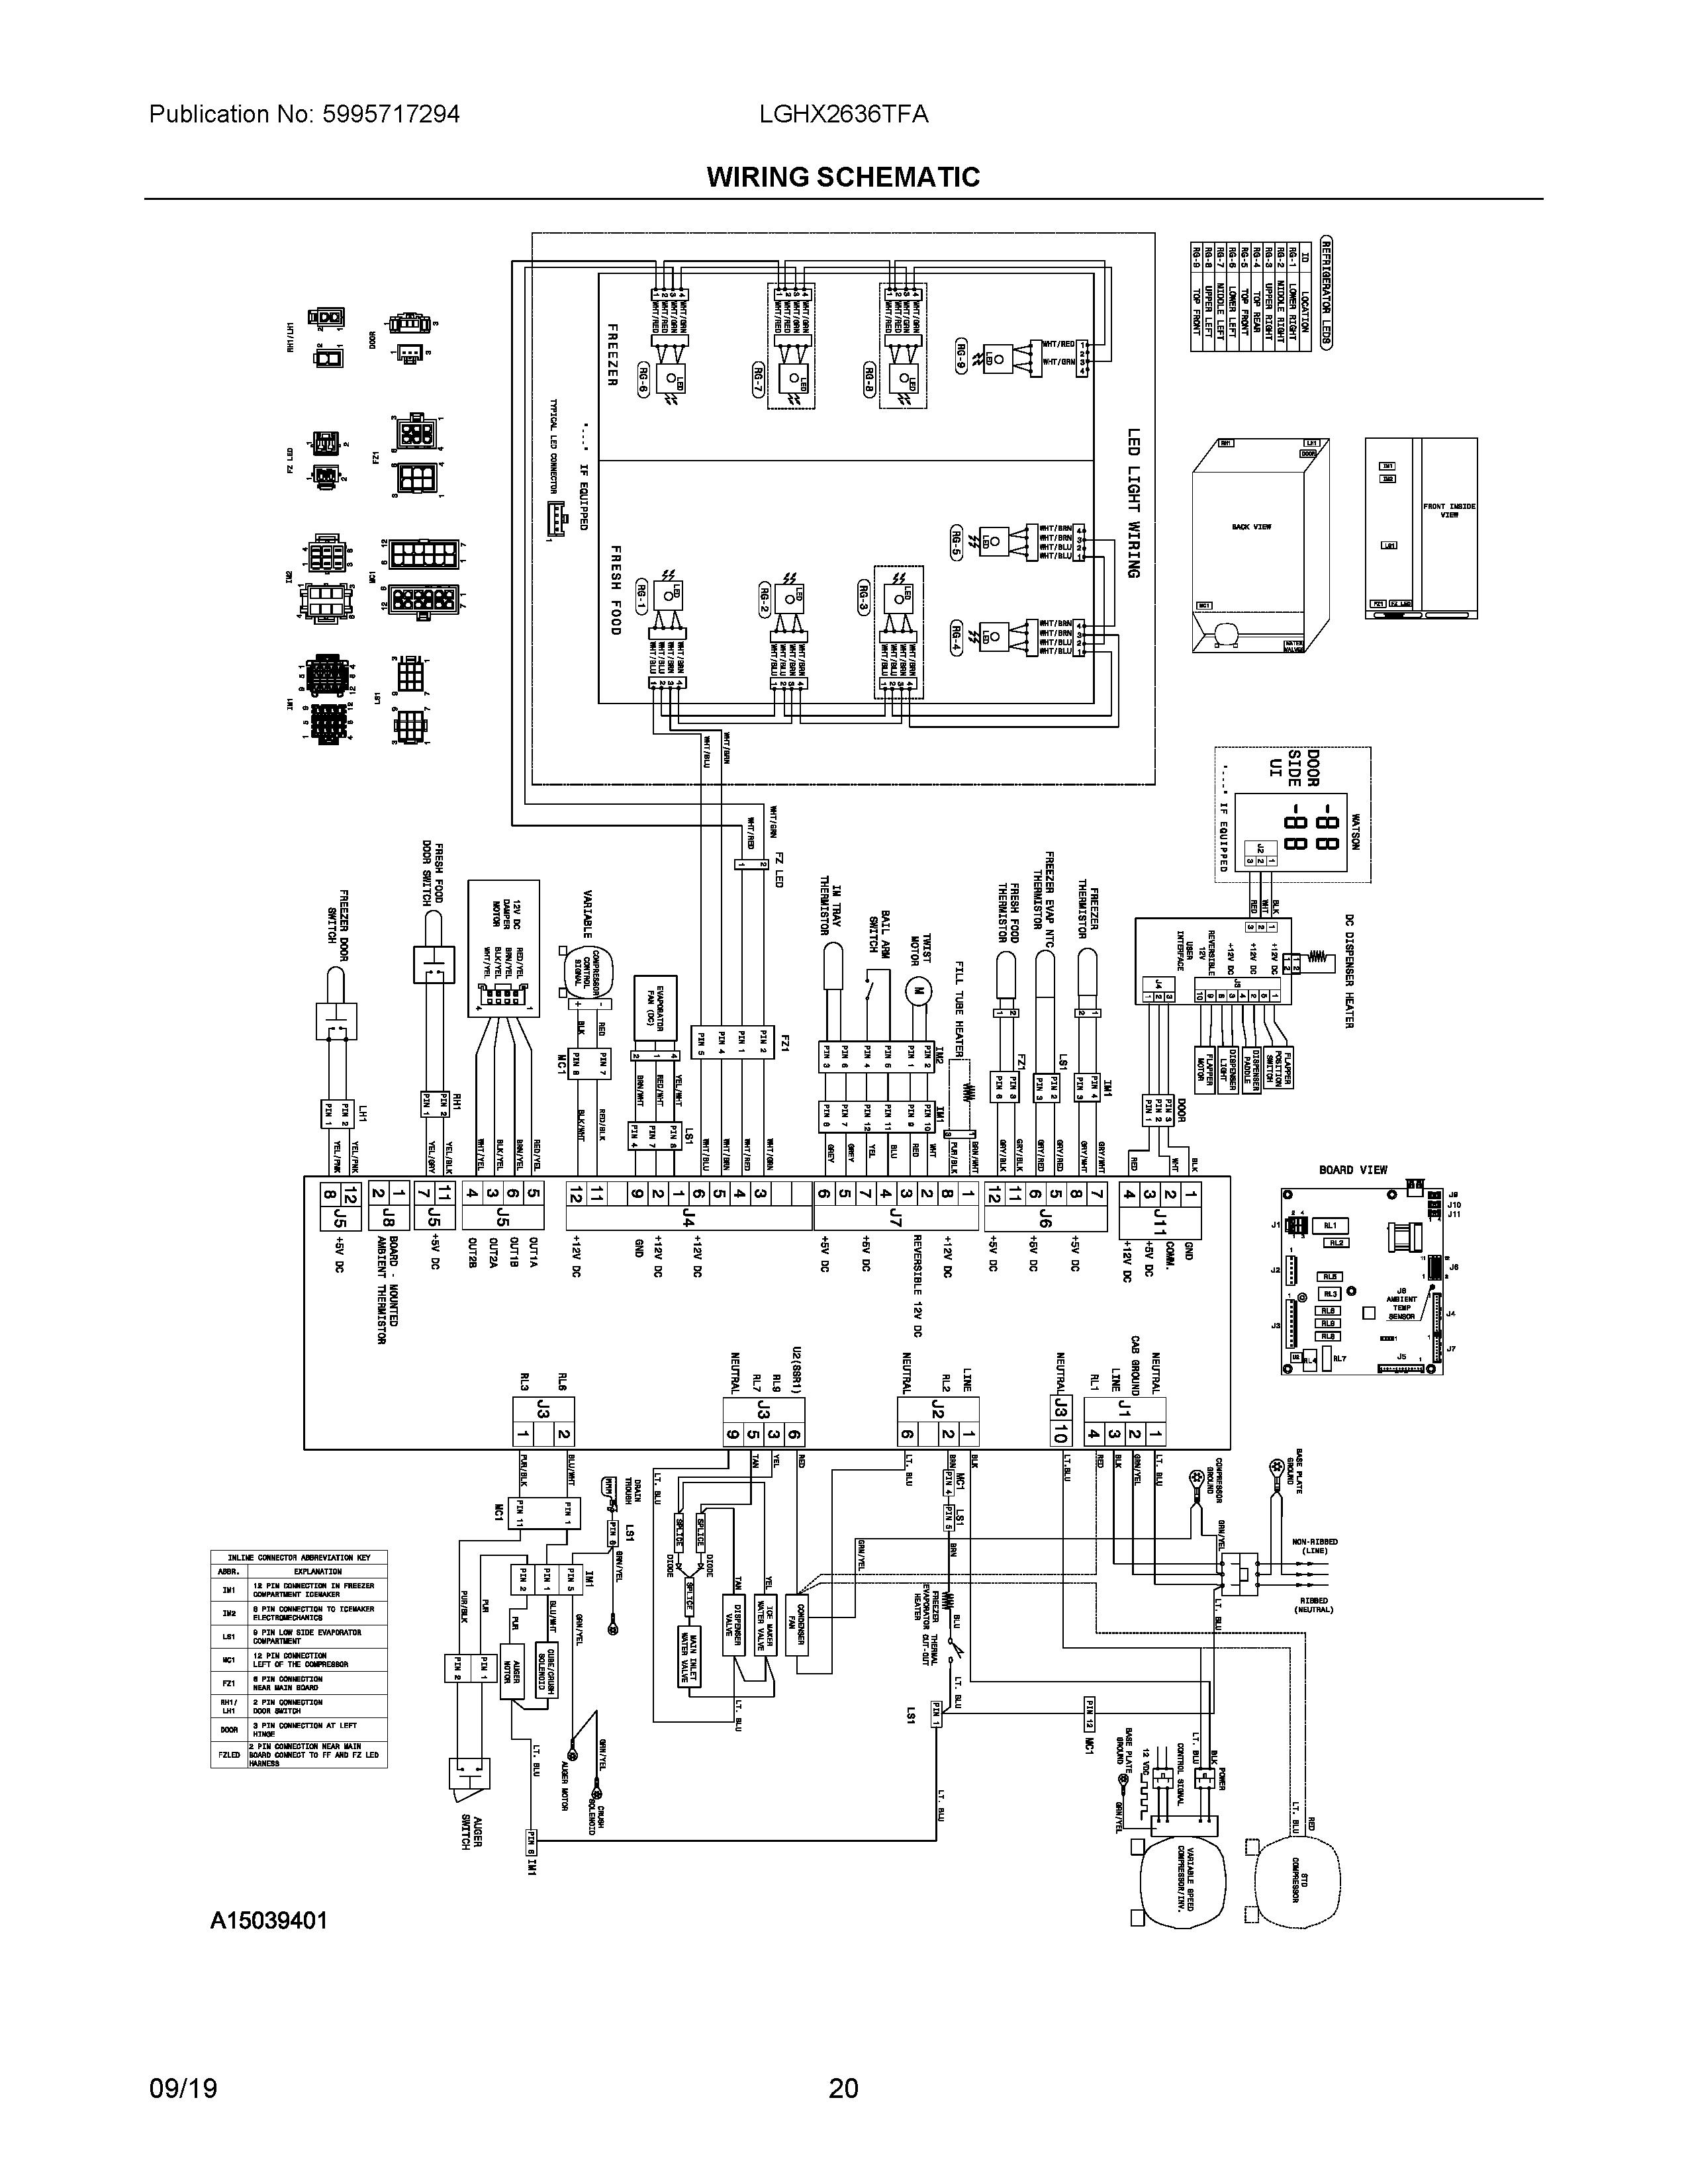 Electrolux Wiring Schematic